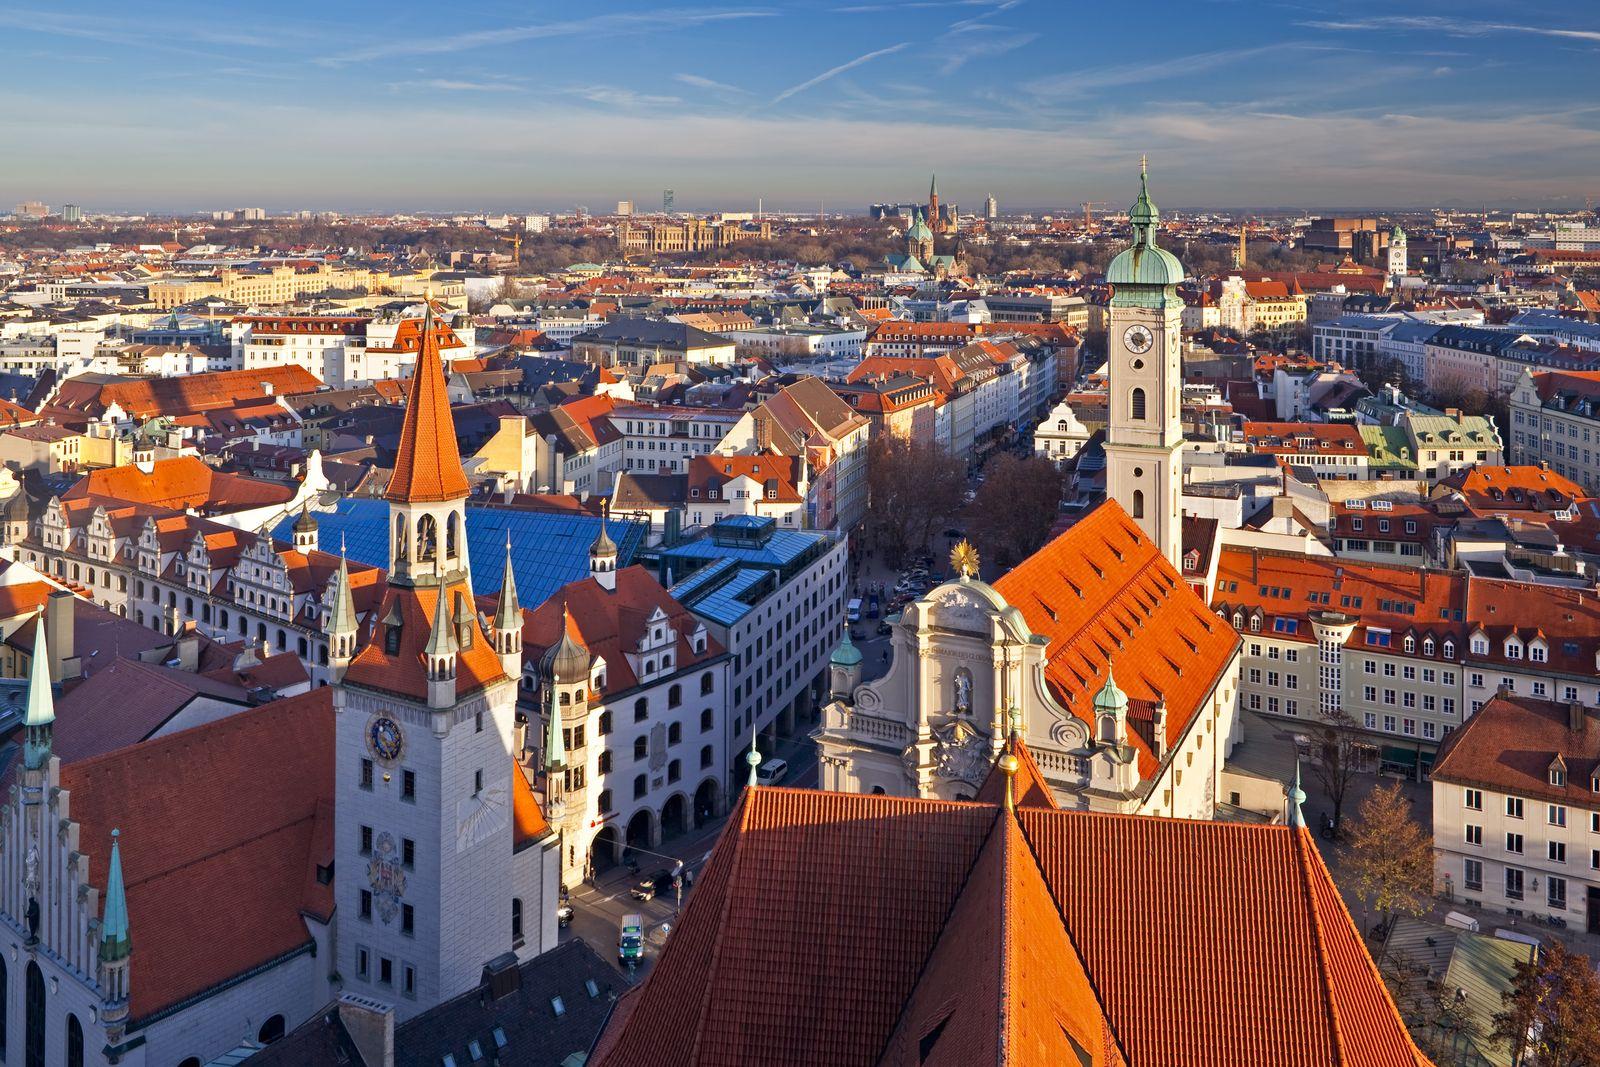 NICHT MEHR VERWENDEN! - München / Altstadt / Panorama-Ansicht / Mieten / Mietwohnungen